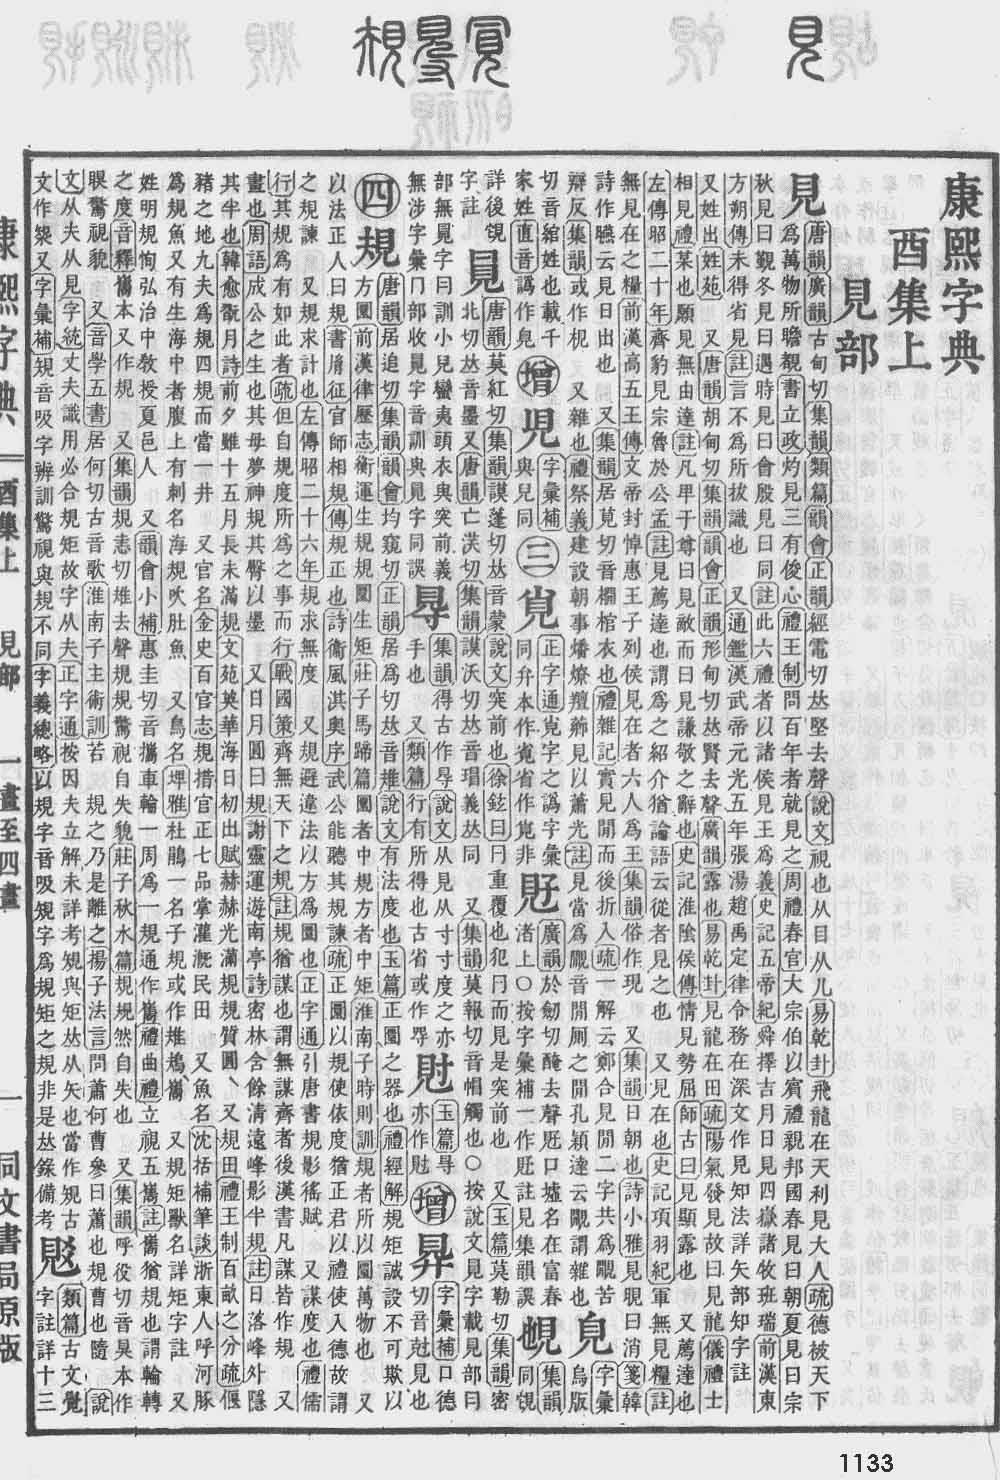 《康熙字典》第1133页